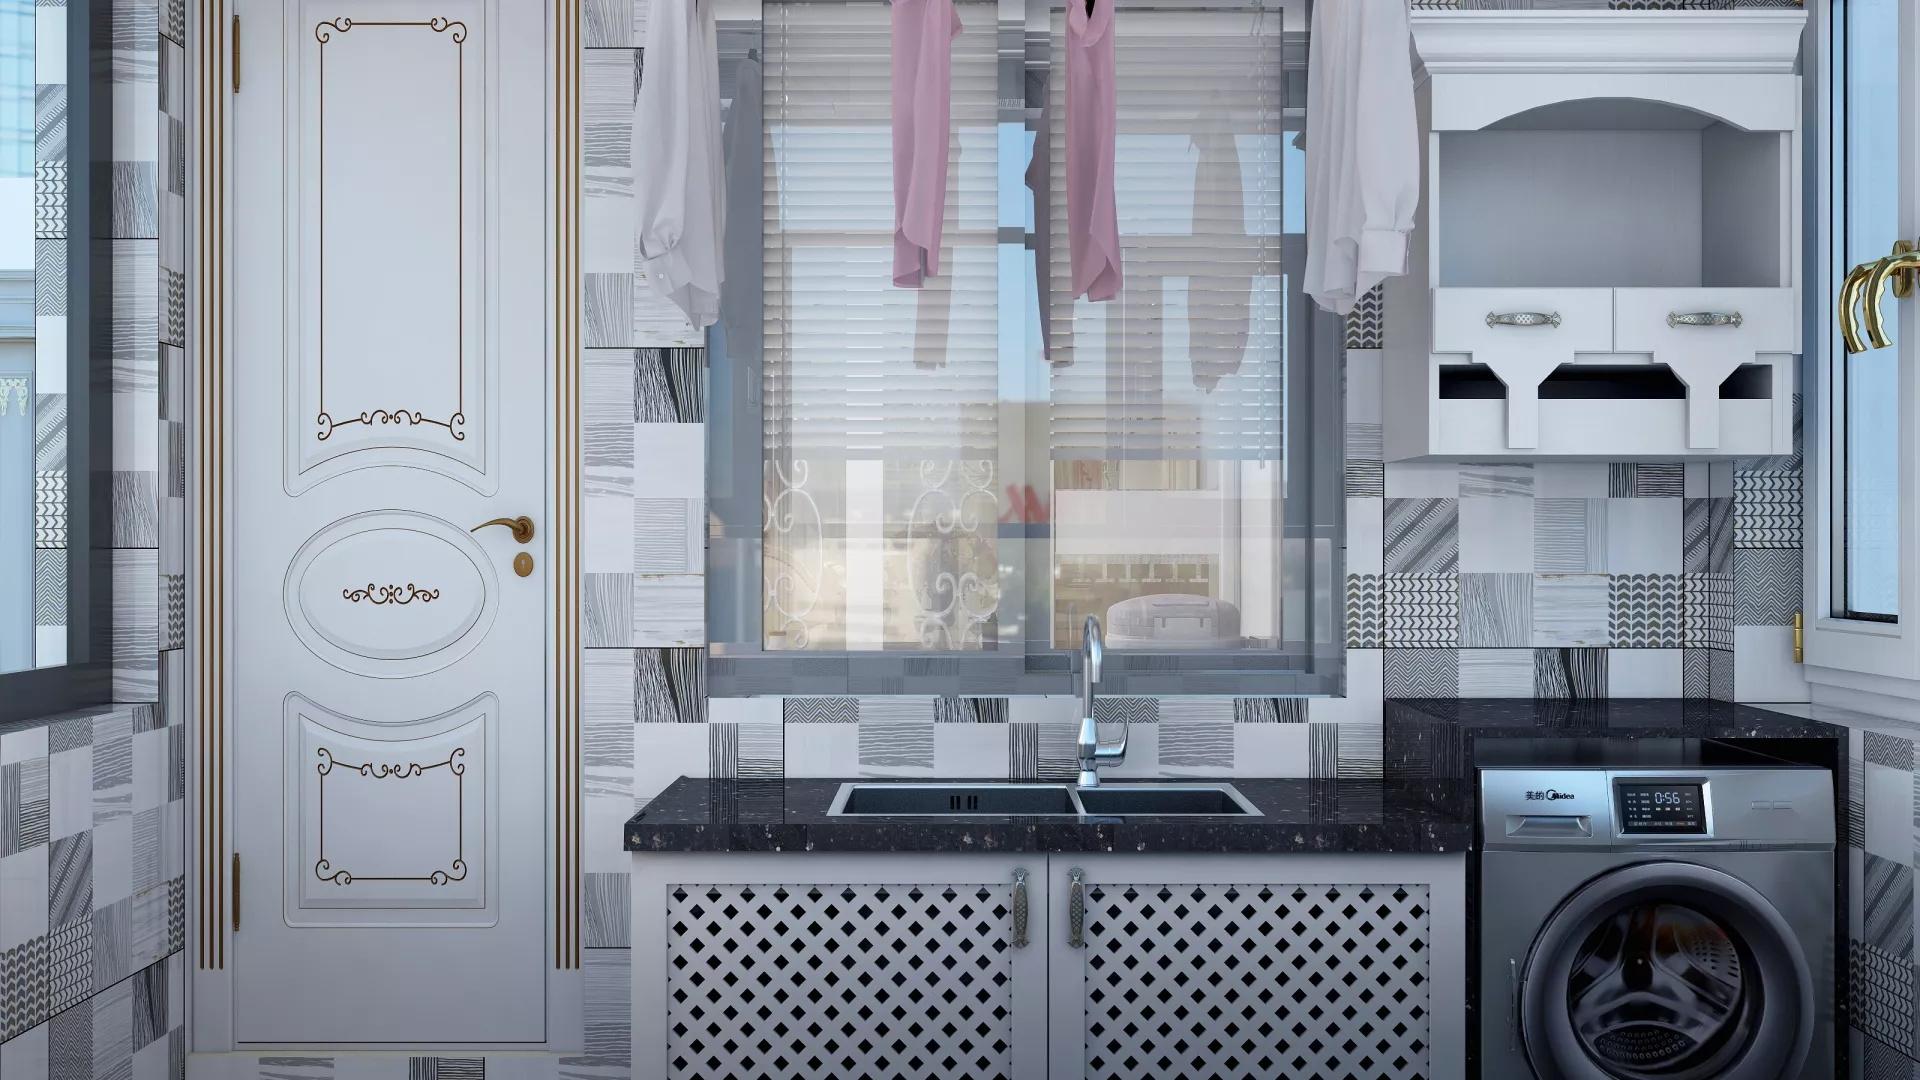 怎么设计卫生间 卫生间设计技巧